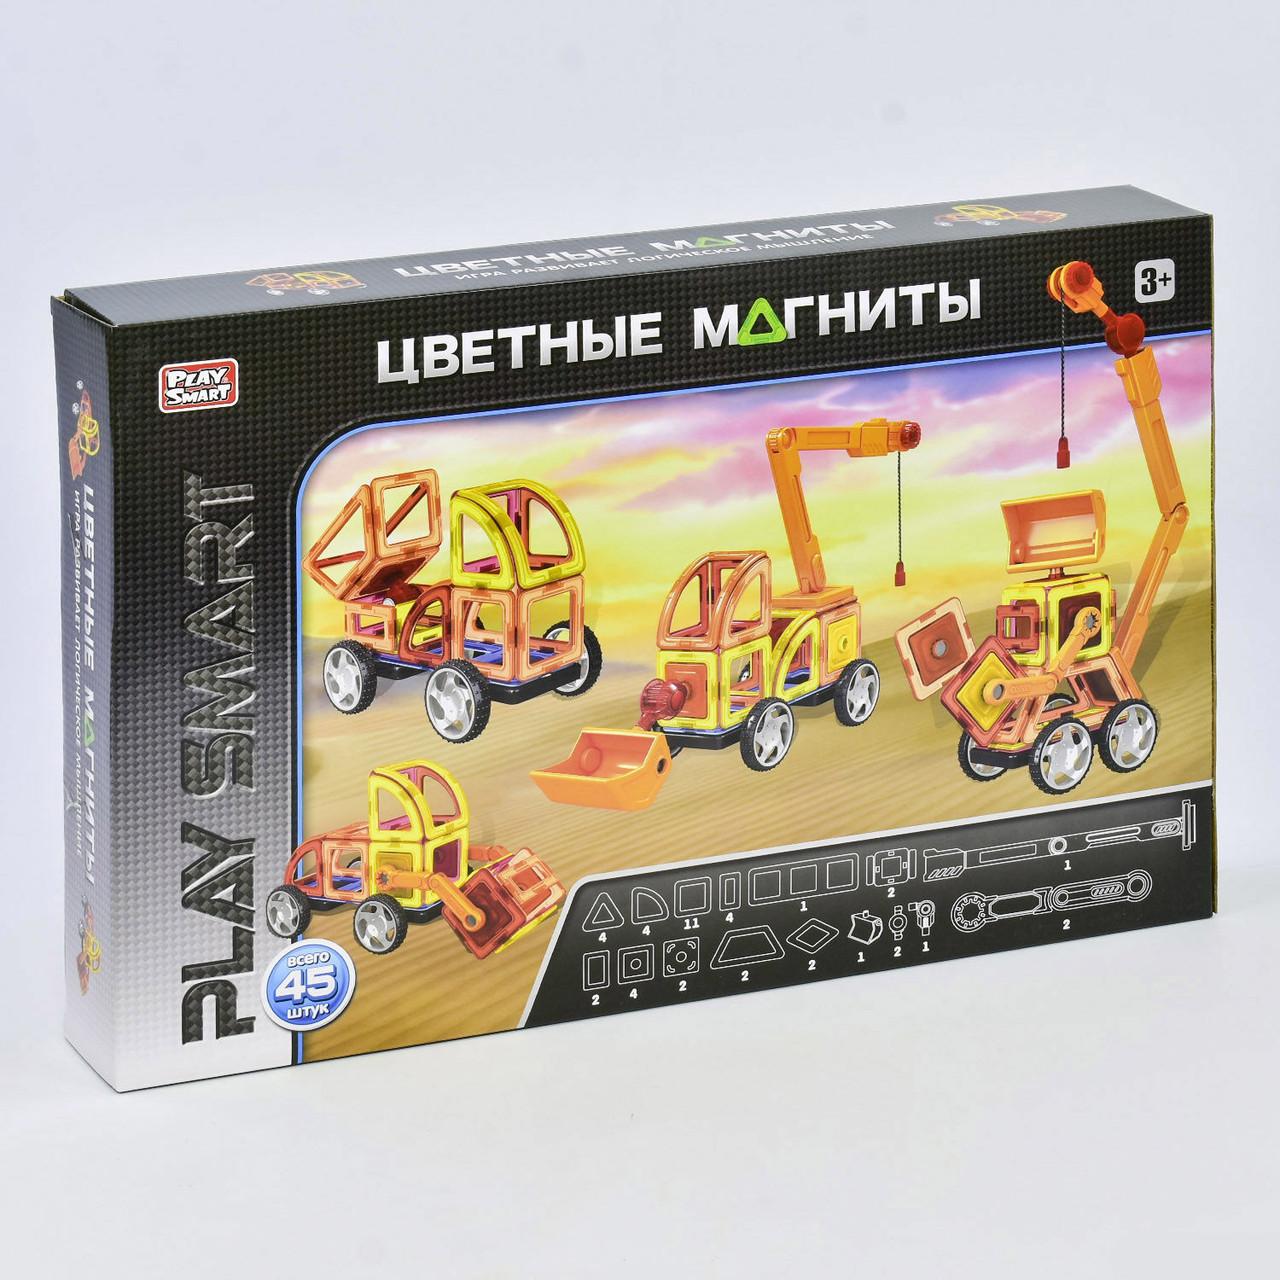 Магнитный конструктор строительная техника Play Smart 2428